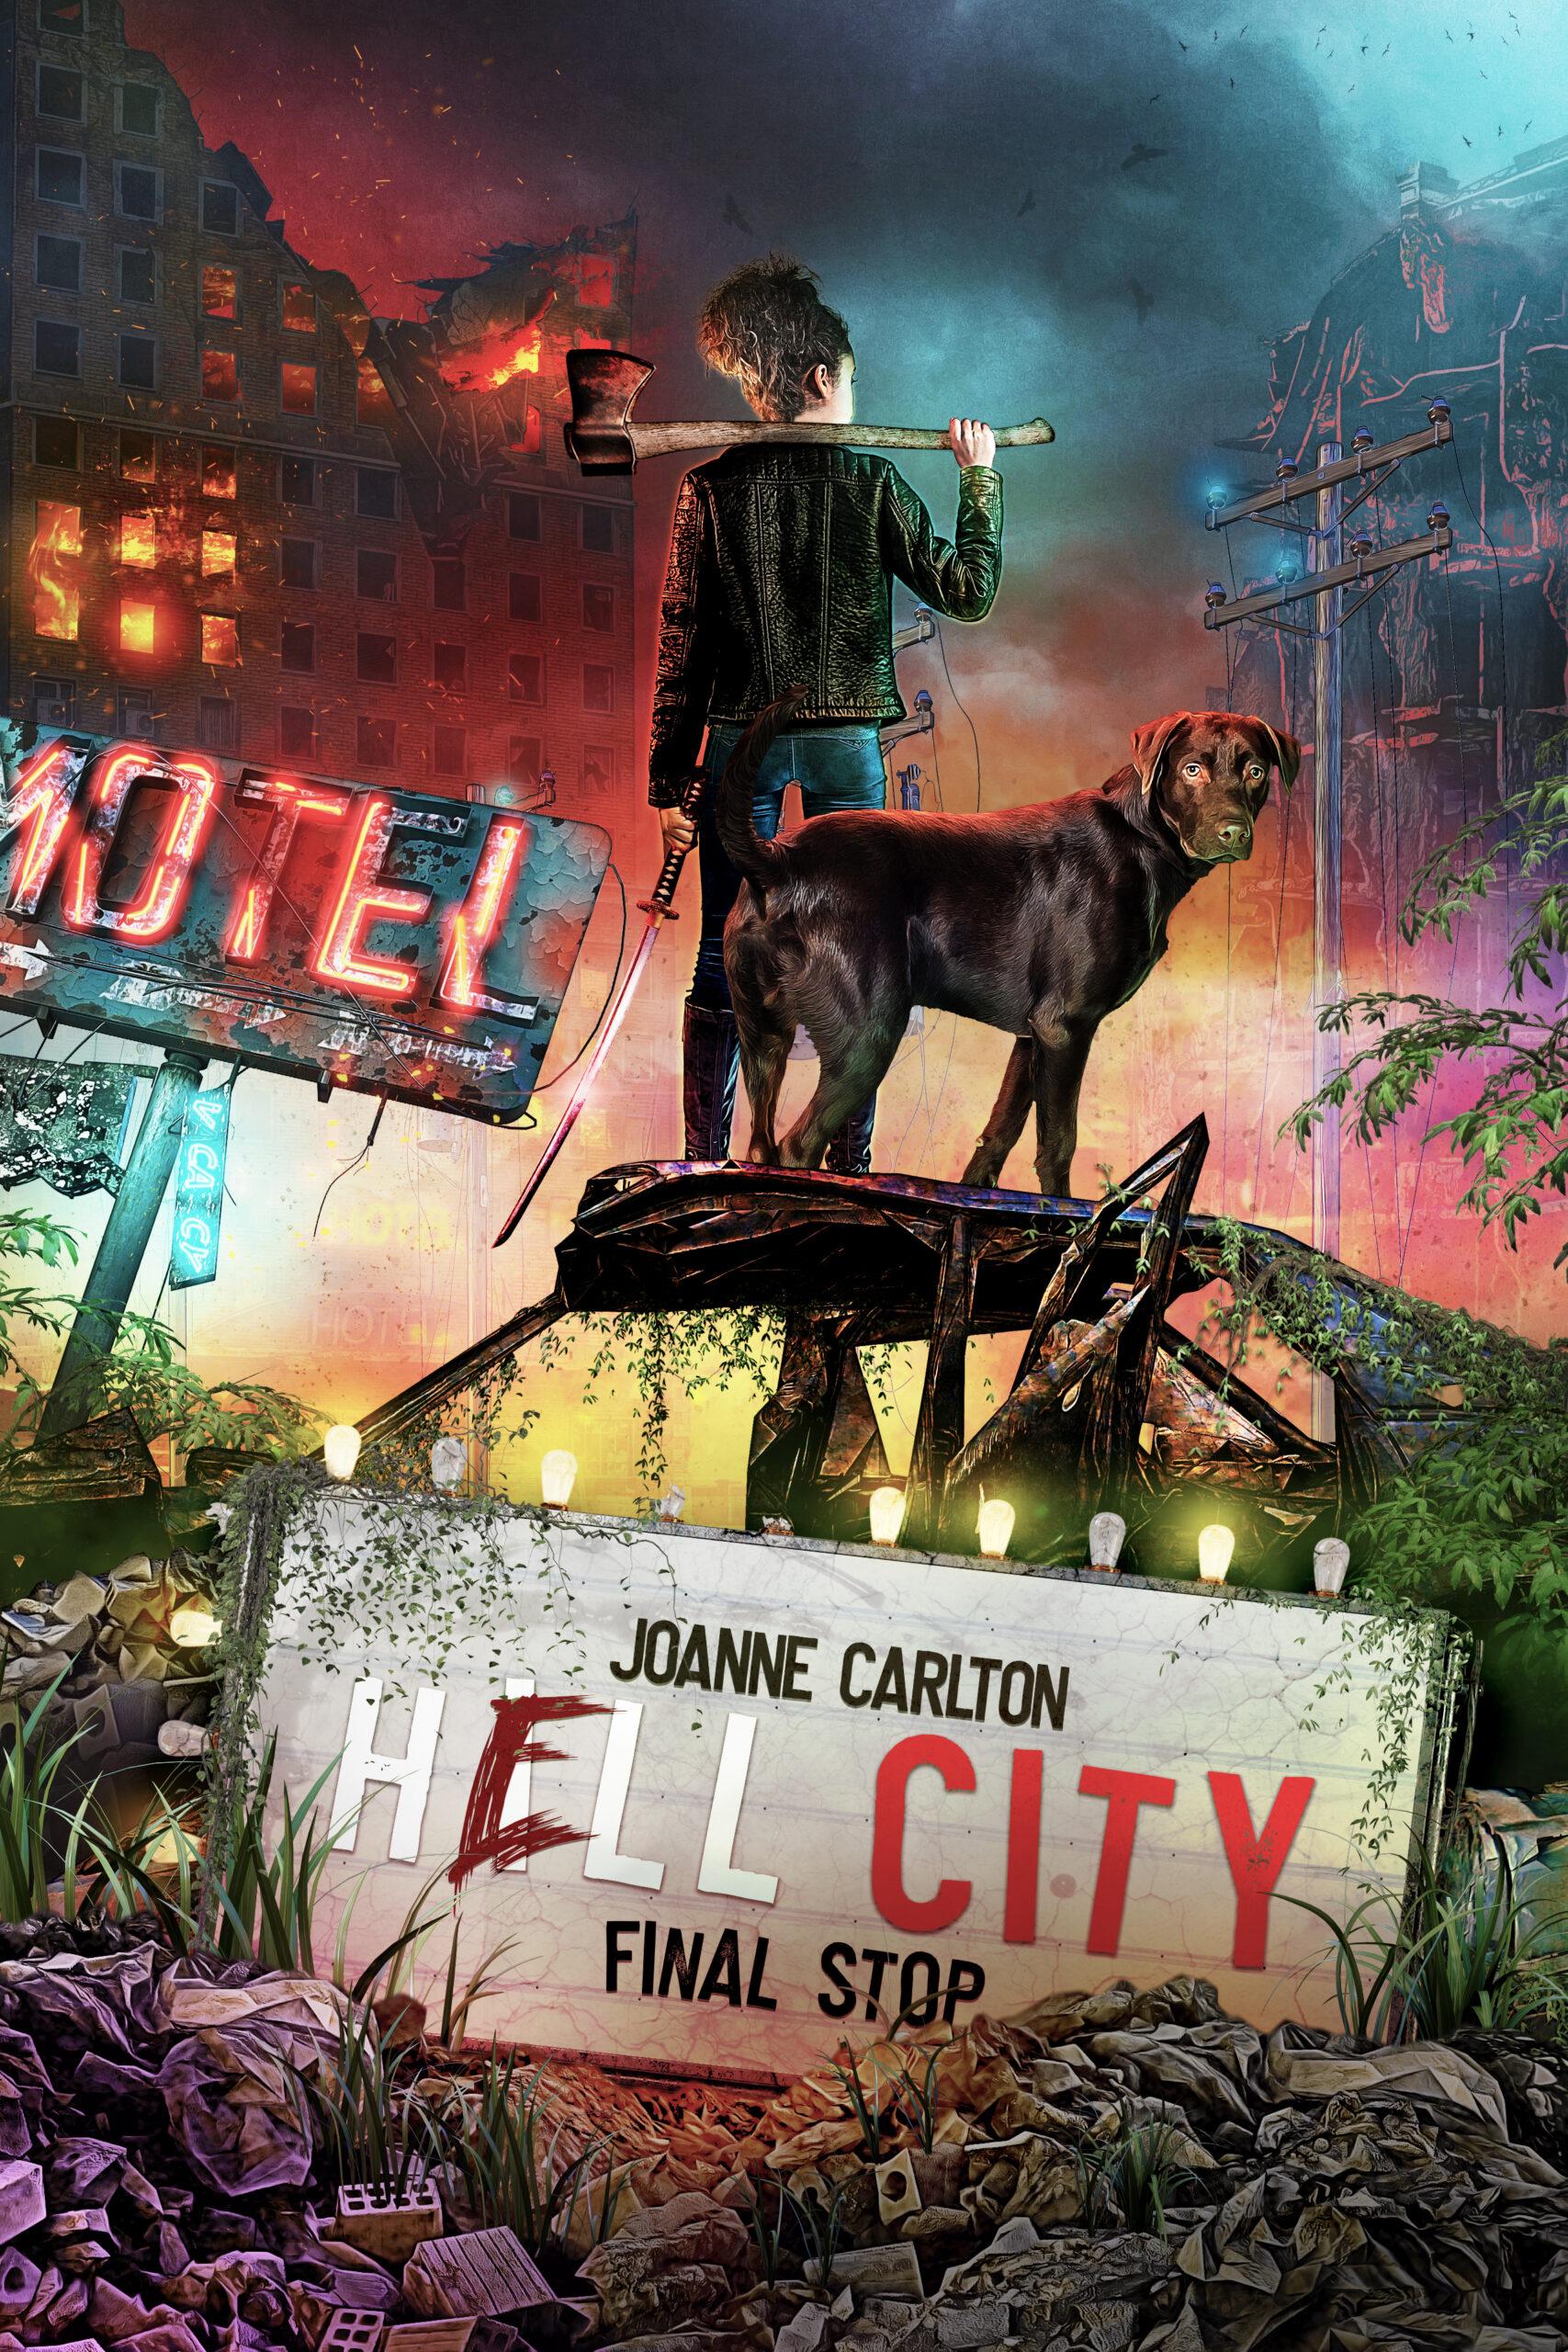 Hell City - Joanne Carlton